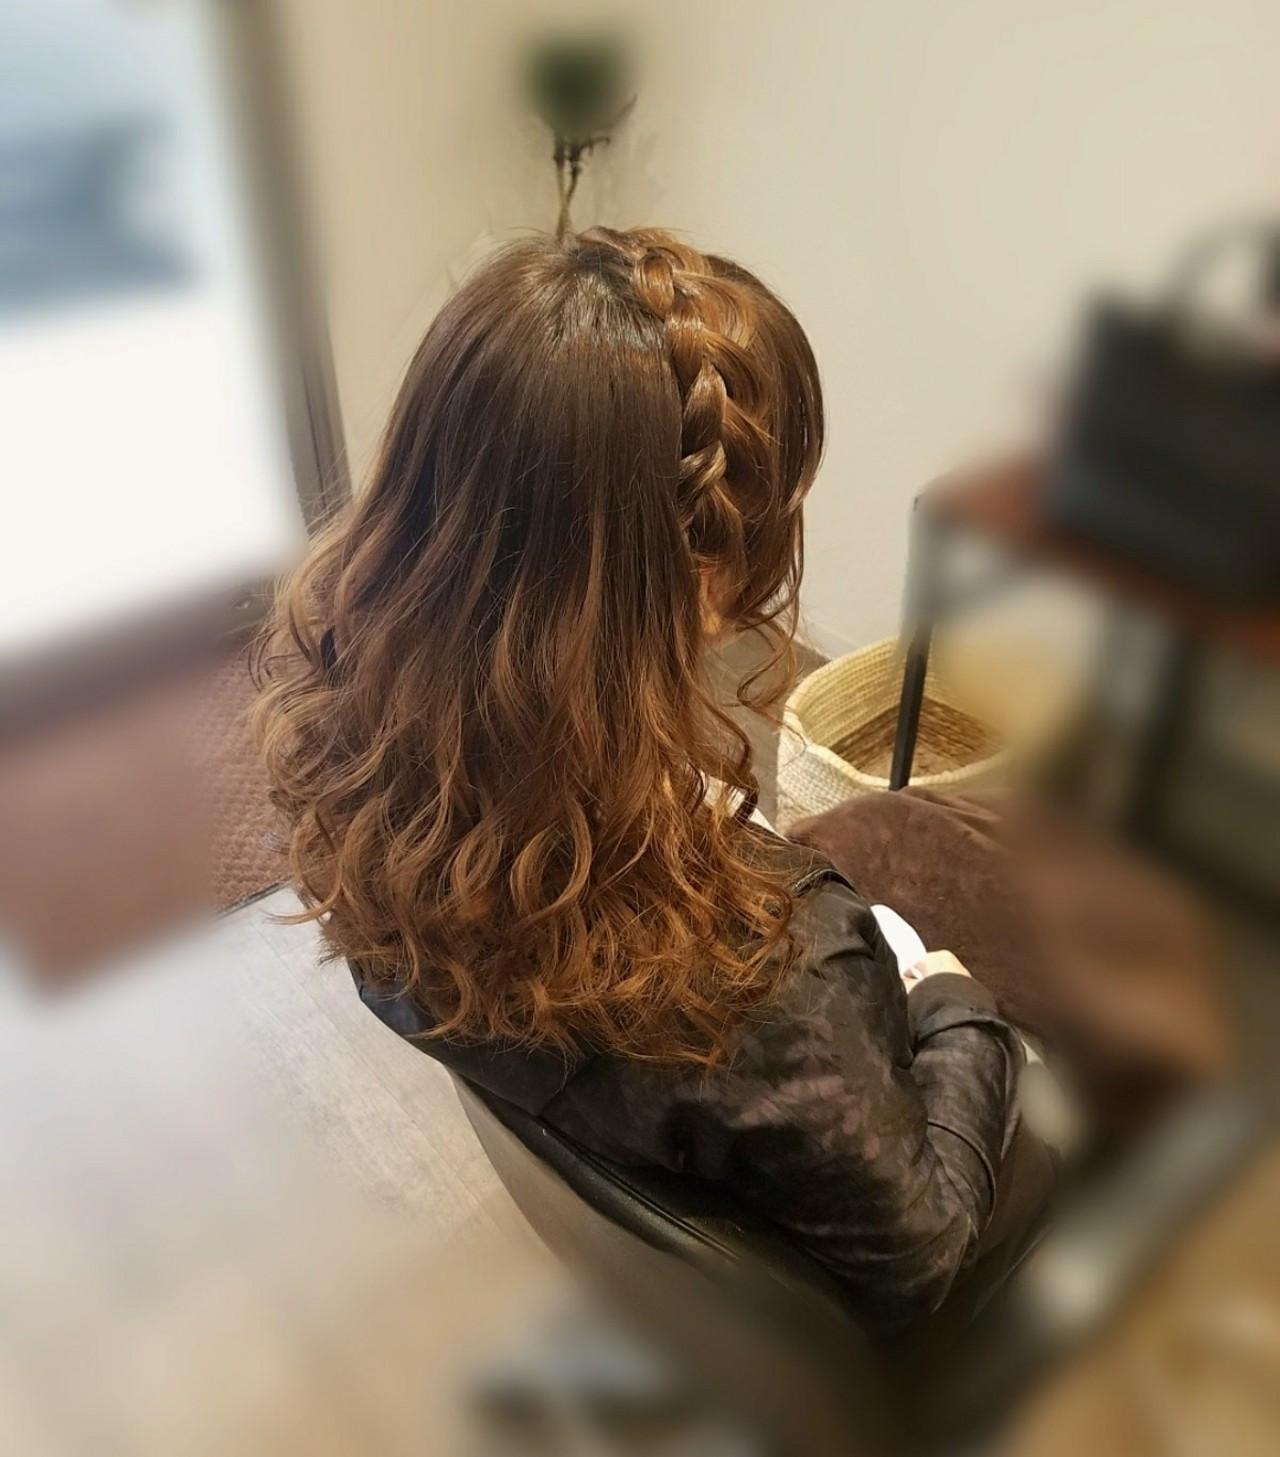 ガーリーな編み込みカチューシャ mai | HAIR SALON STELLA